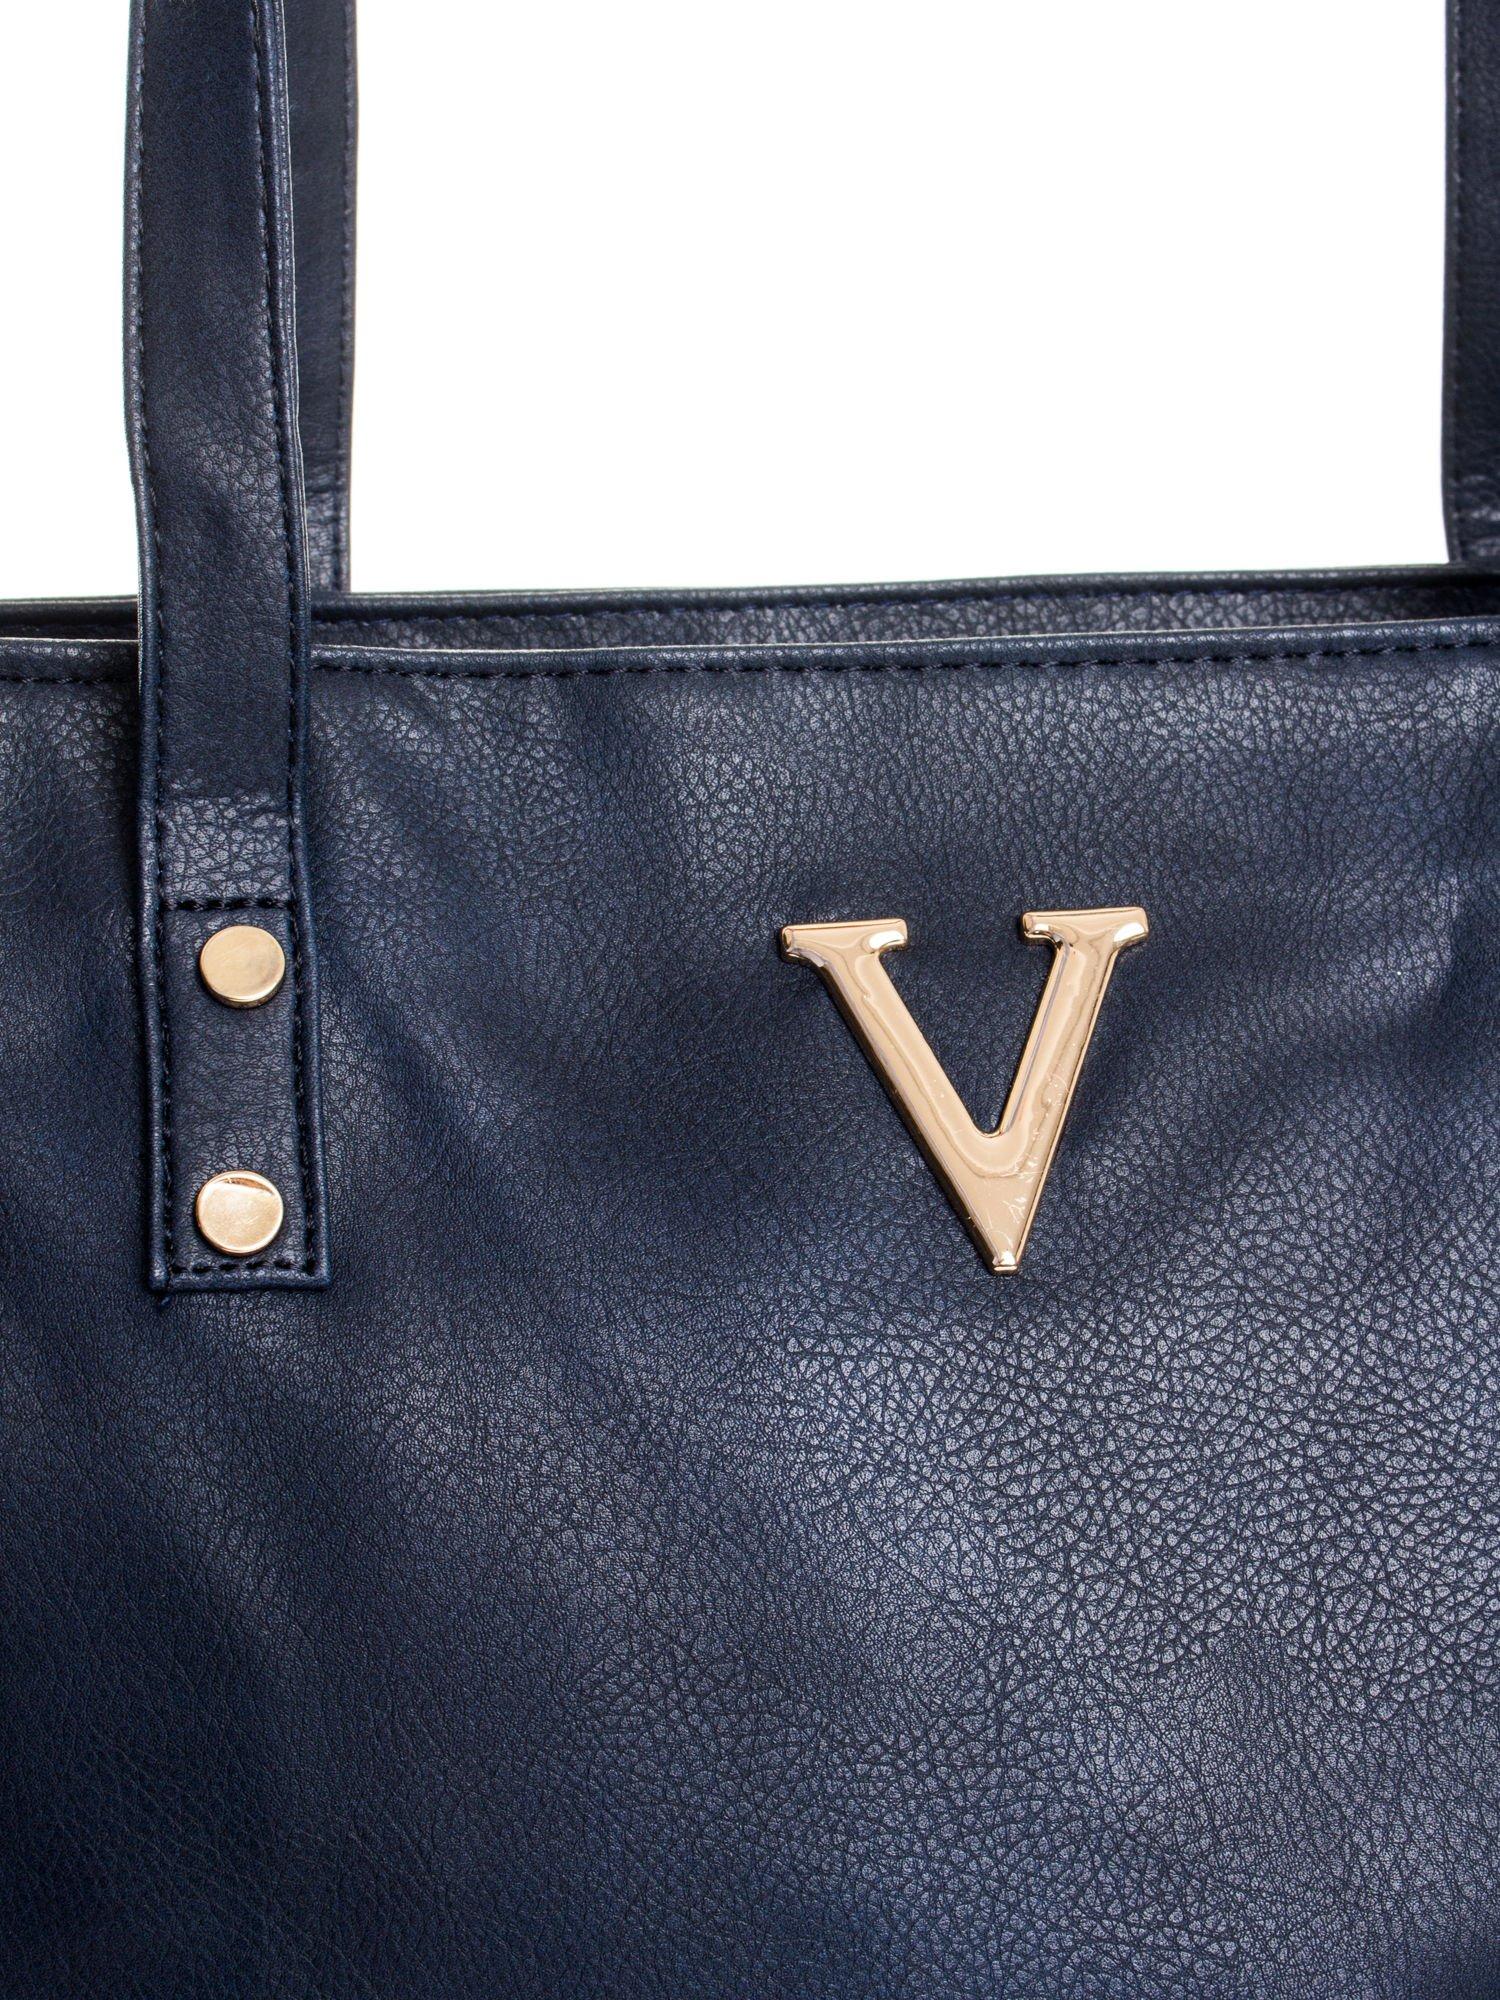 Granatowa torba ze złotym detalem                                  zdj.                                  5